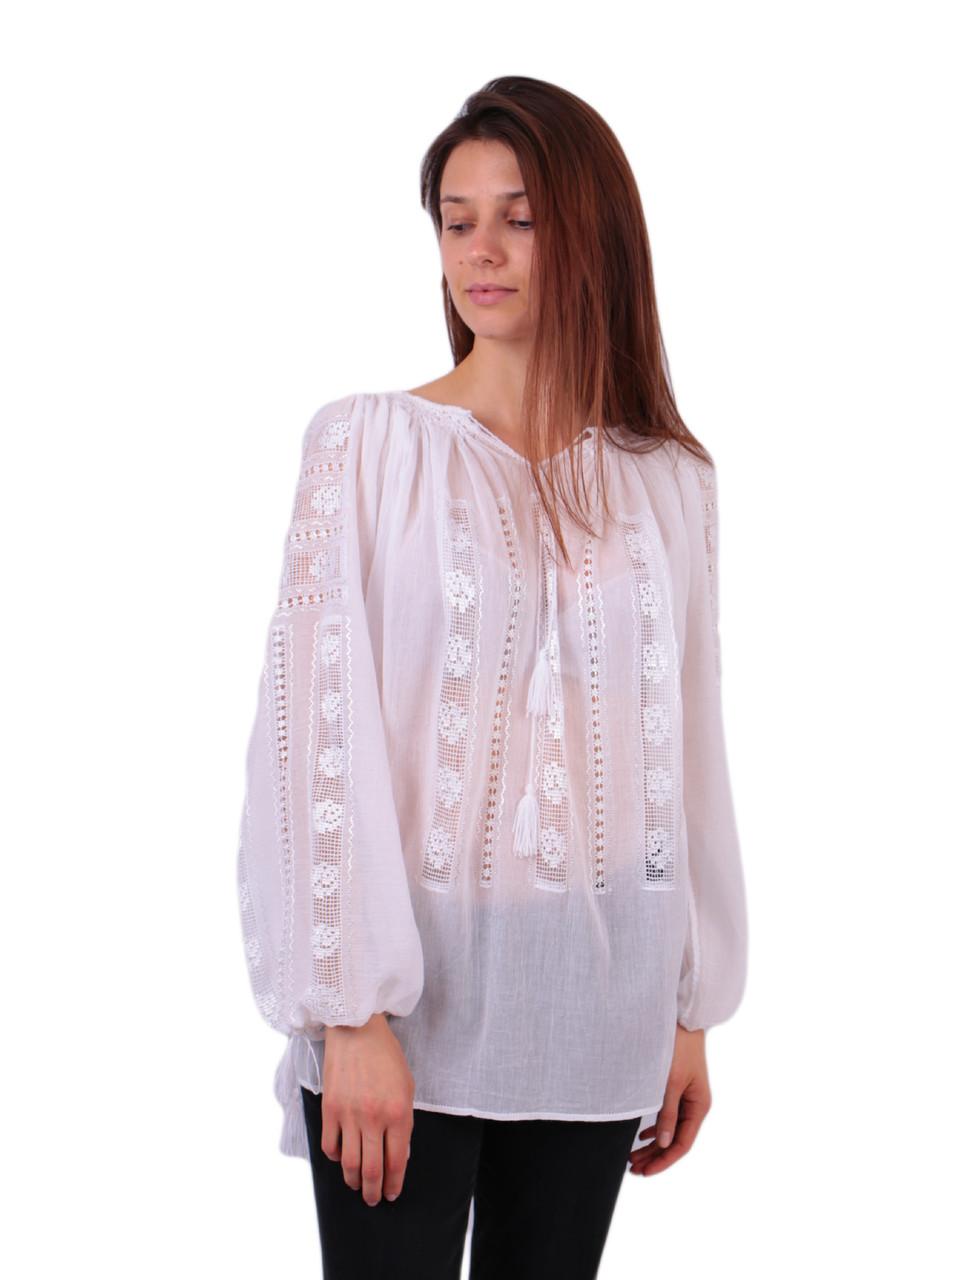 Жіноча вишита сорочка блузка марльовка з білим орнаментом  продажа ... 618a2b01bbfe1